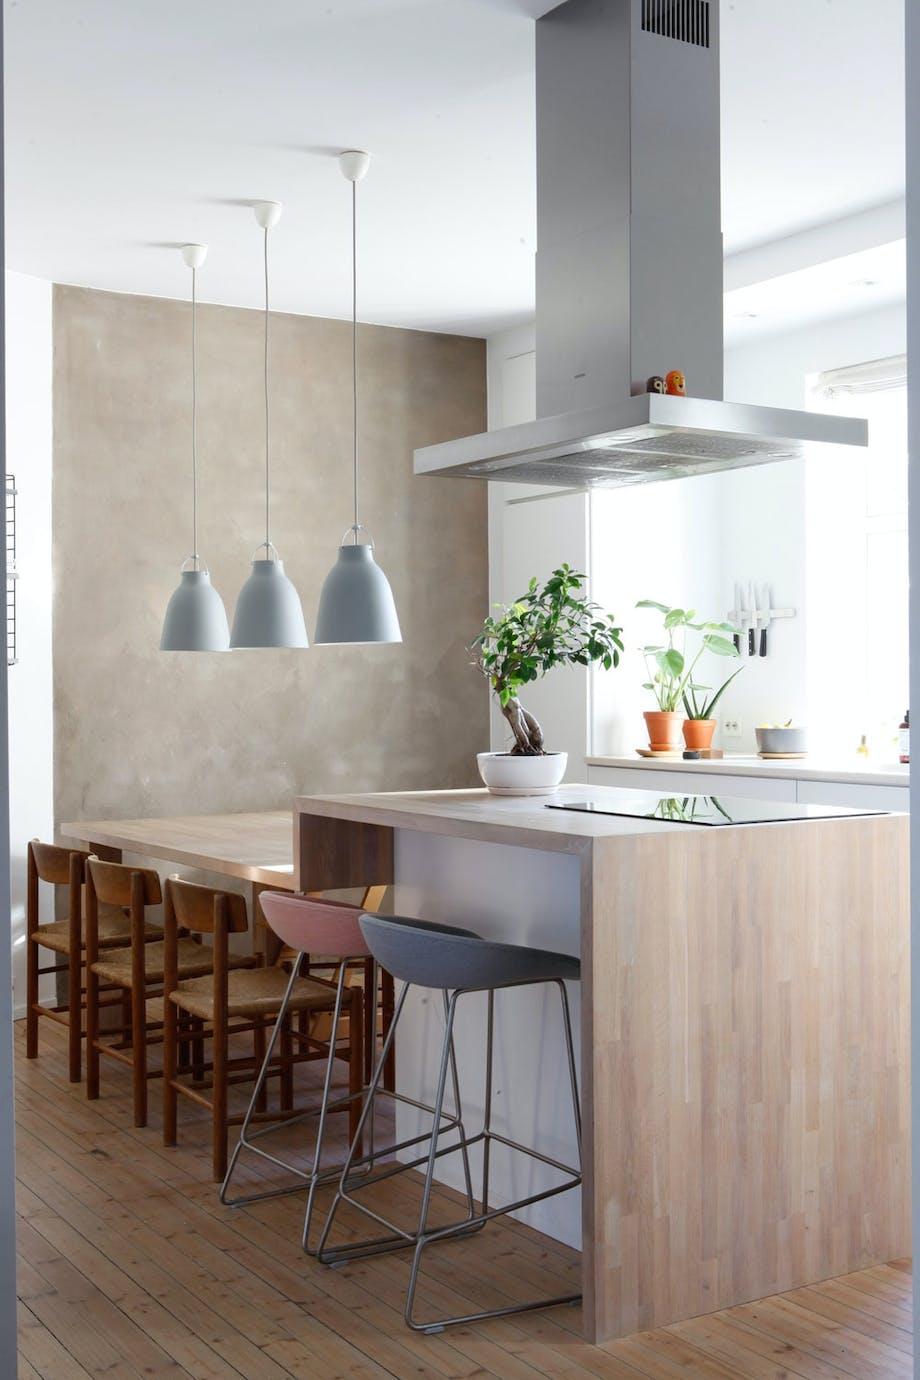 Kjøkkenøy og spisebord i ett